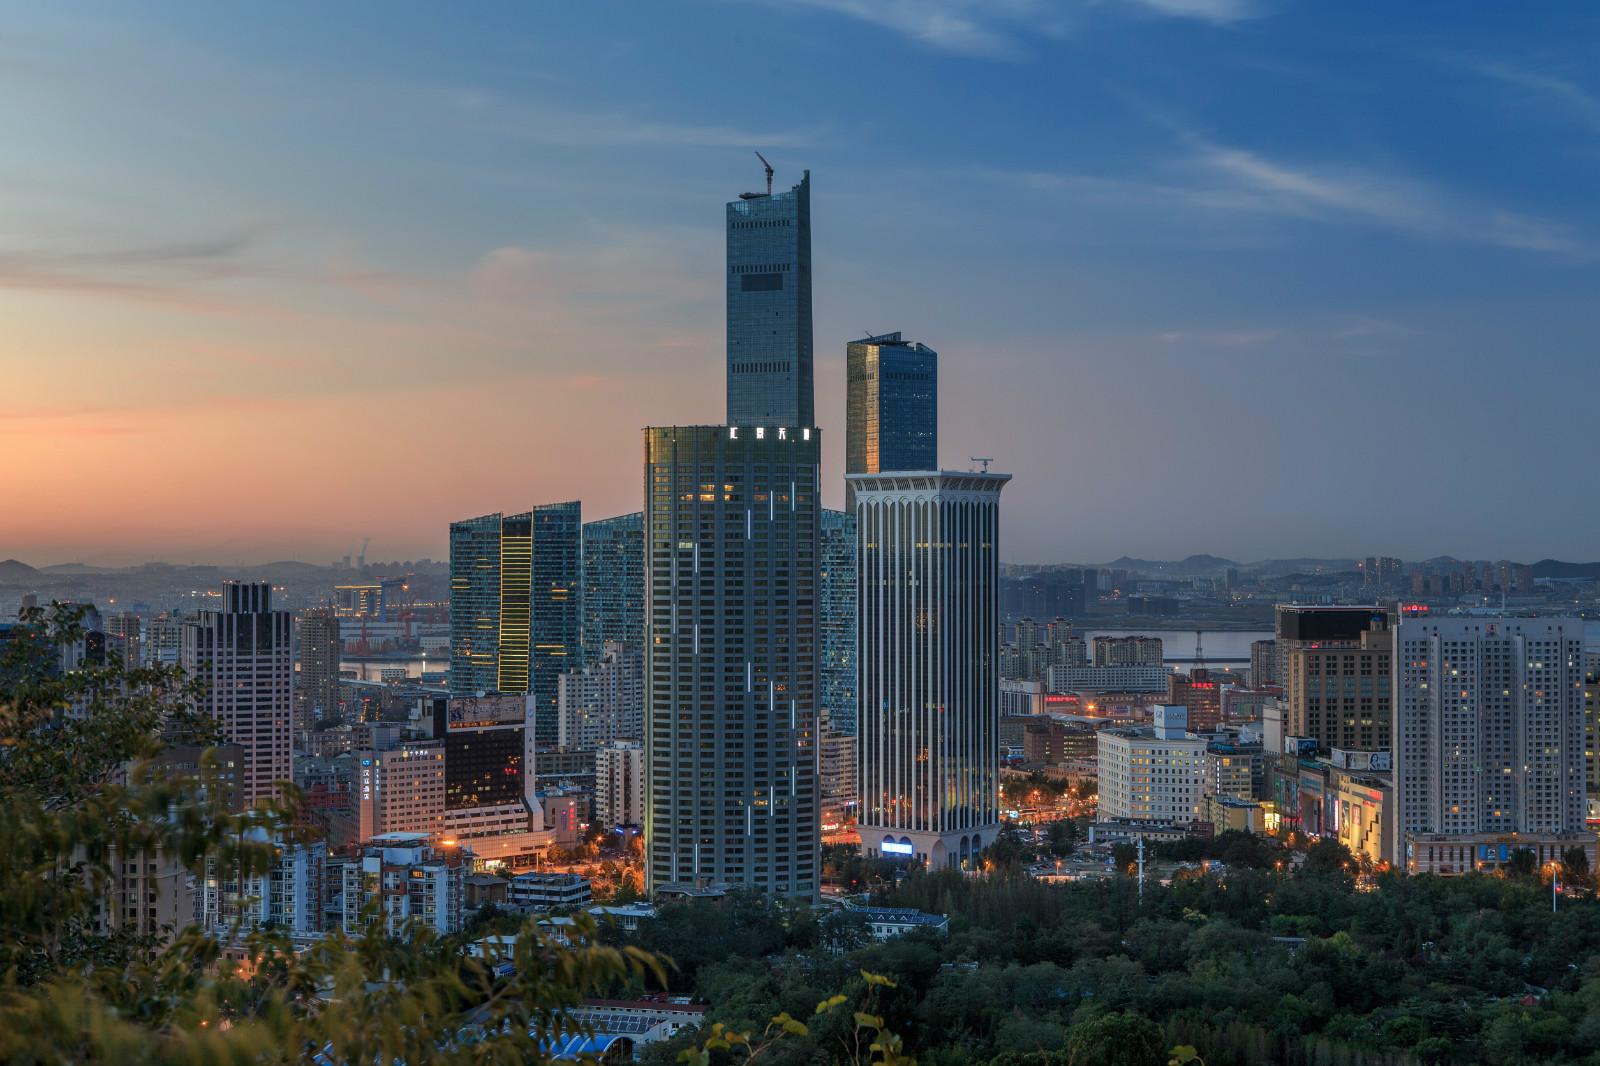 天津市代办公司企业营业执照答疑解惑:上市公司和非上市公司的差别关键有什么?